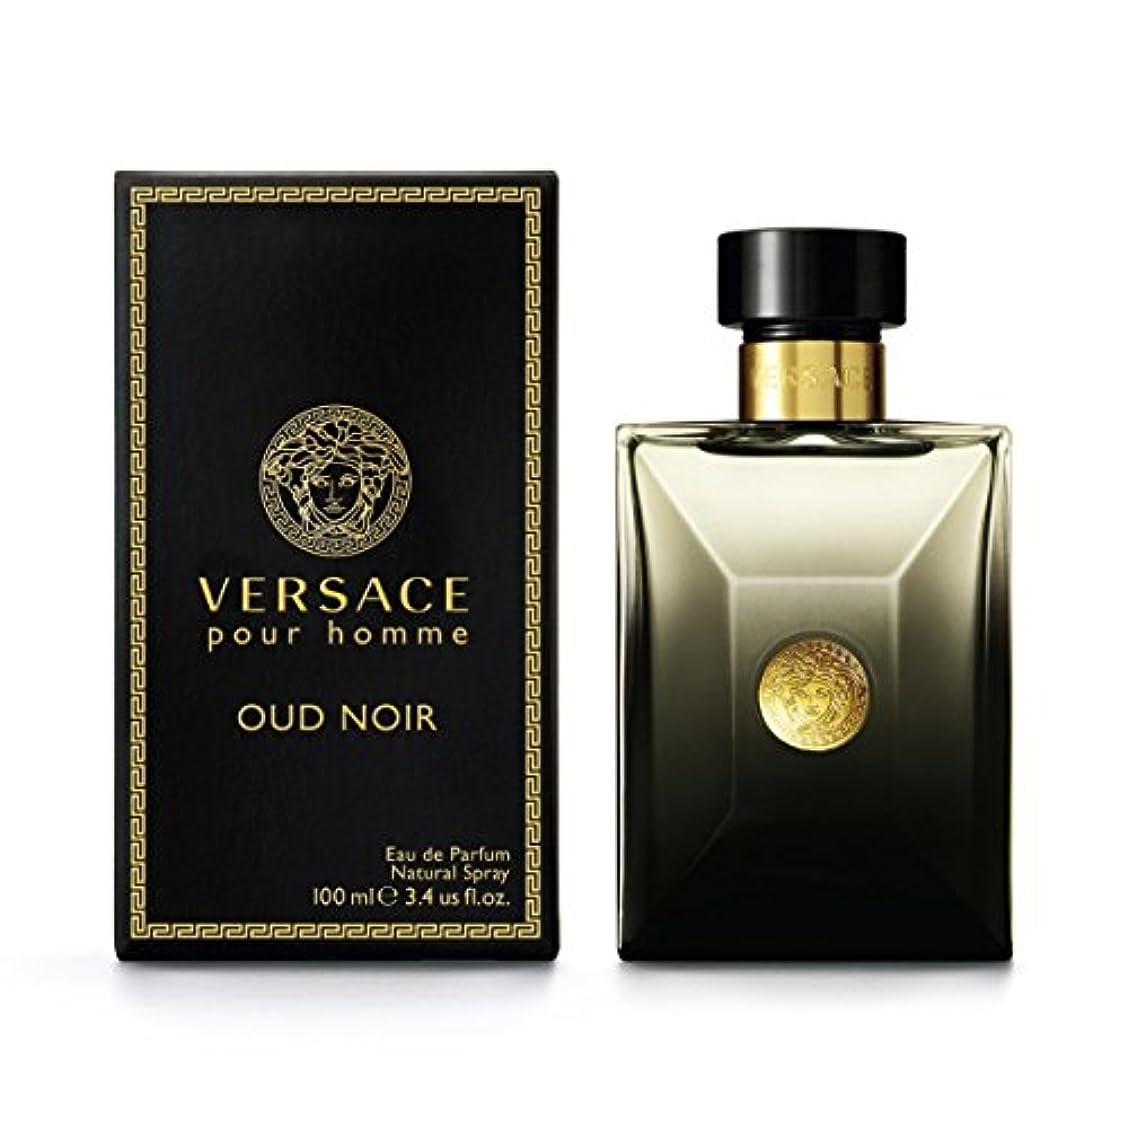 Versace Pour Homme Oud Noir by Versace Eau de Parfum Spray 100ml